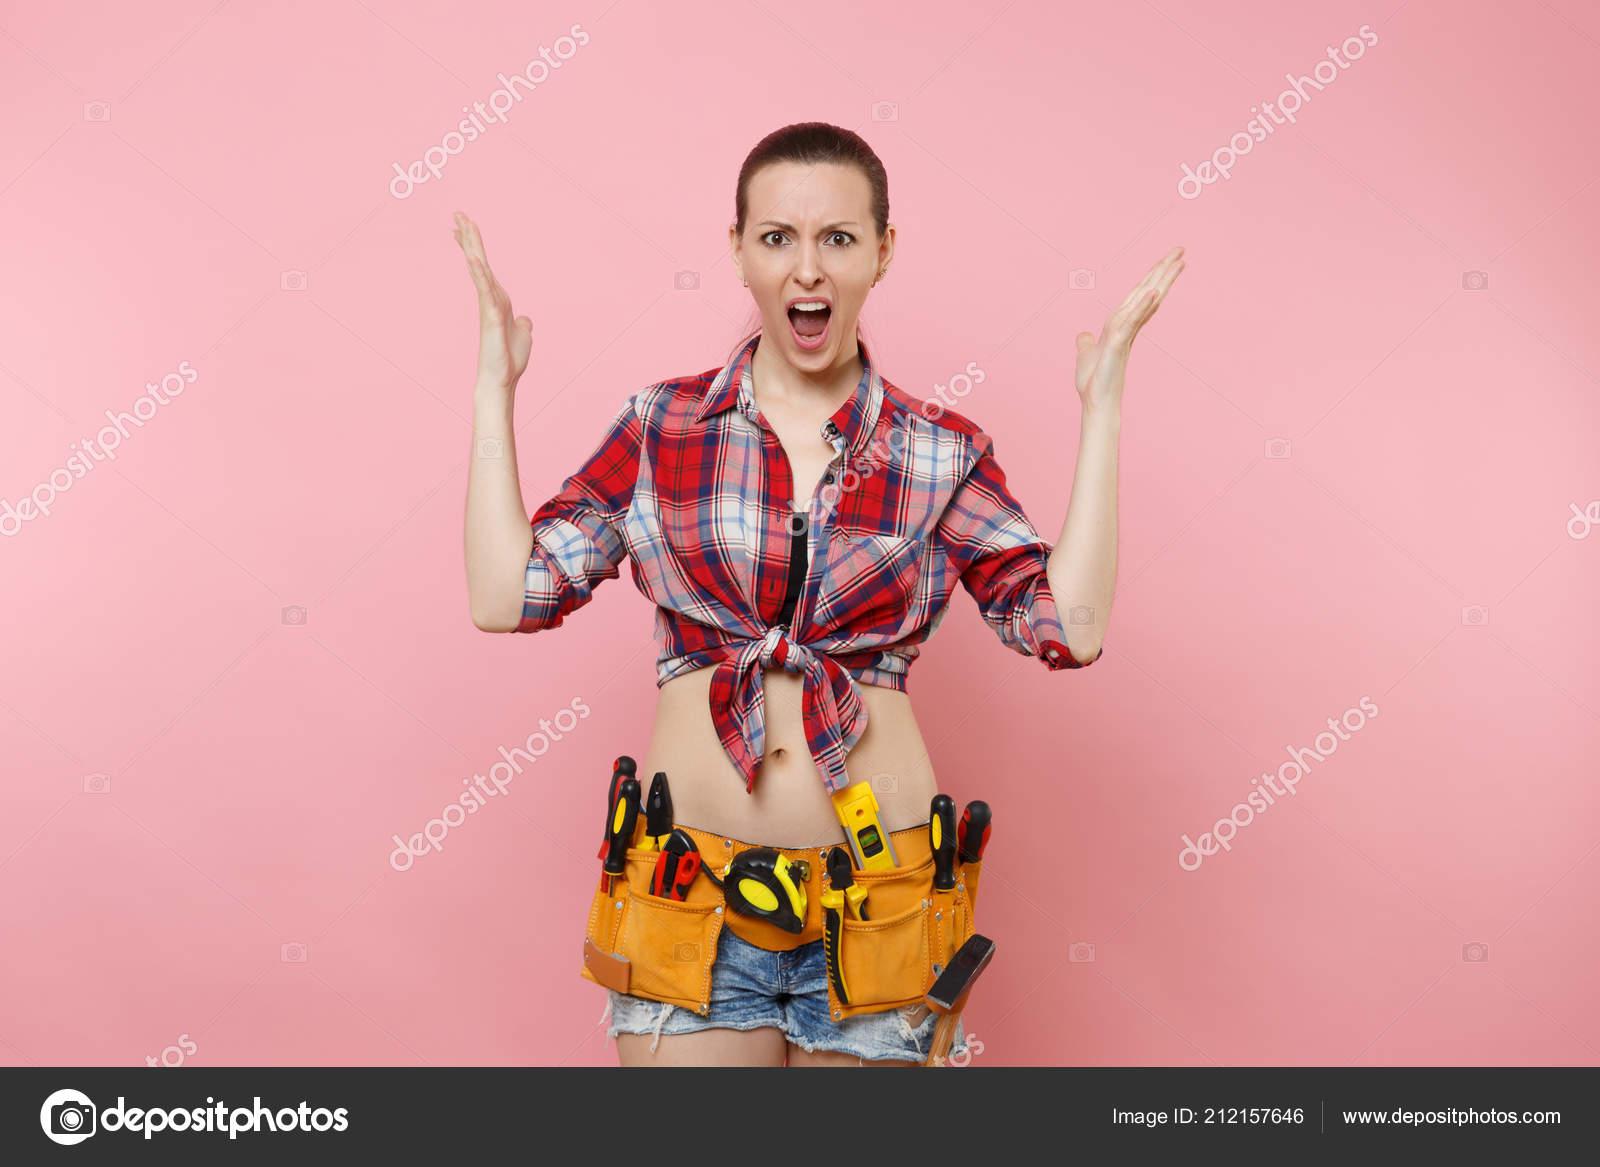 58d76b018422 Femme forte jeune bricoleur portant la chemise à carreaux, short en Jean, ceinture  d outils kit complet d instruments utiles divers isolés sur fond rose.